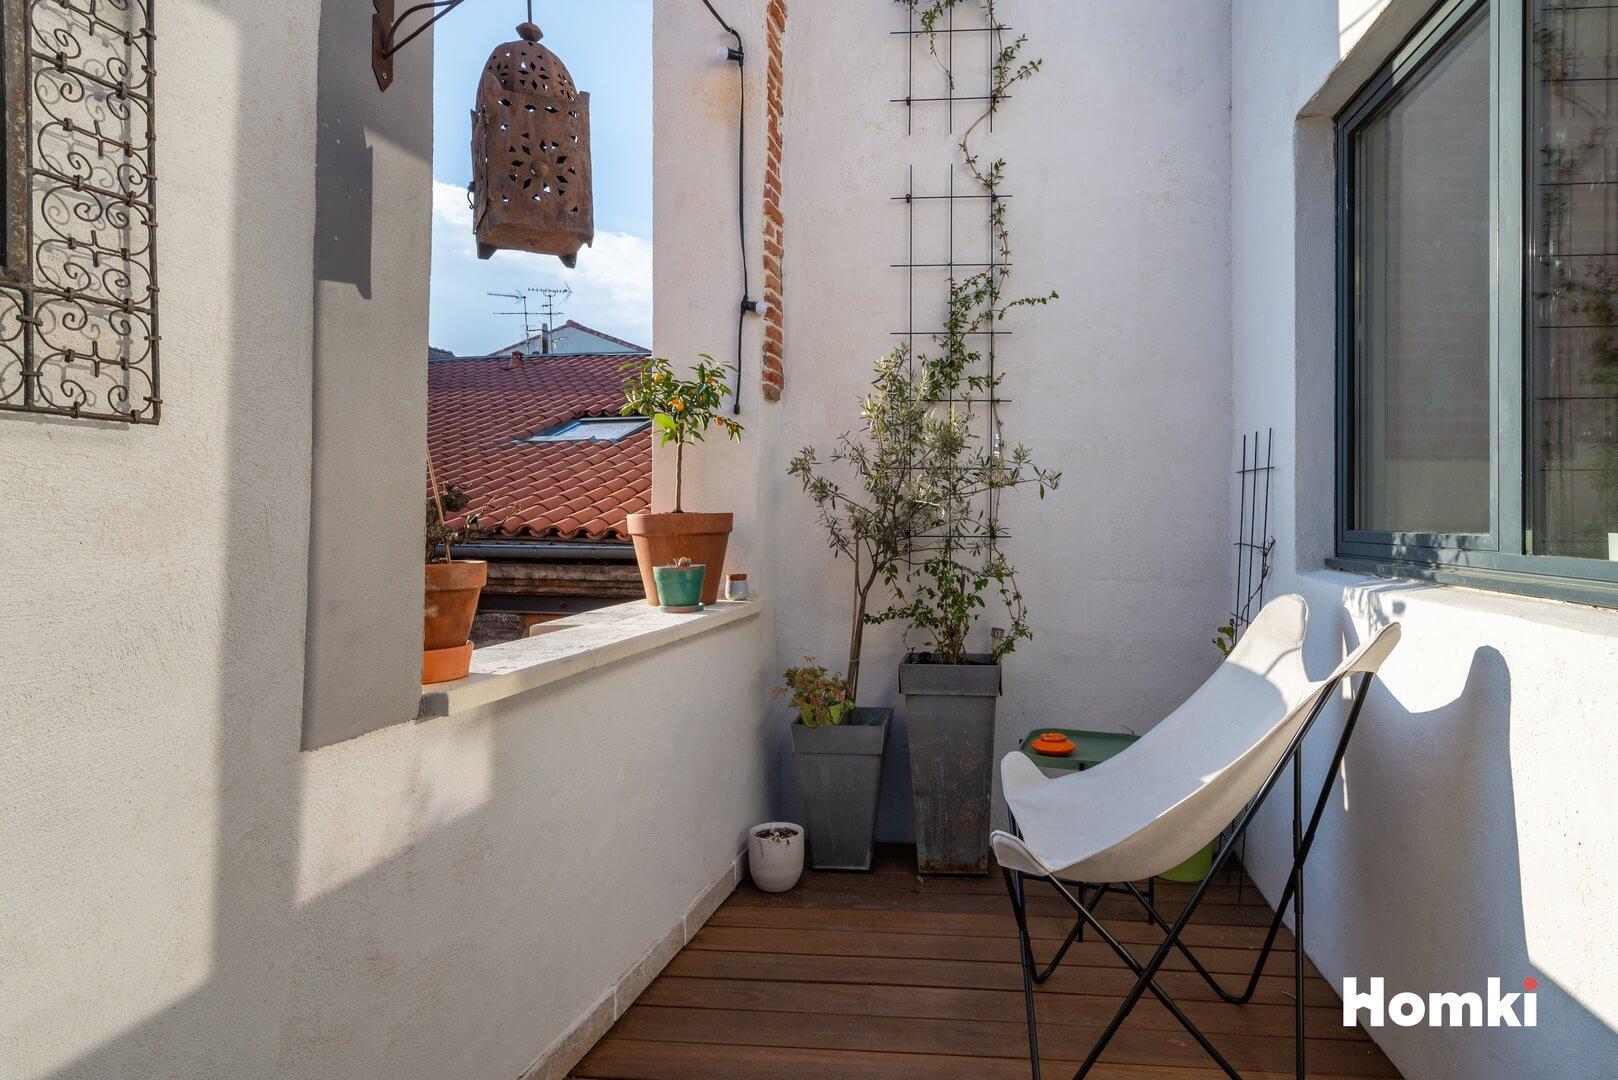 Homki - Vente Maison/villa  de 140.0 m² à Toulouse 31500